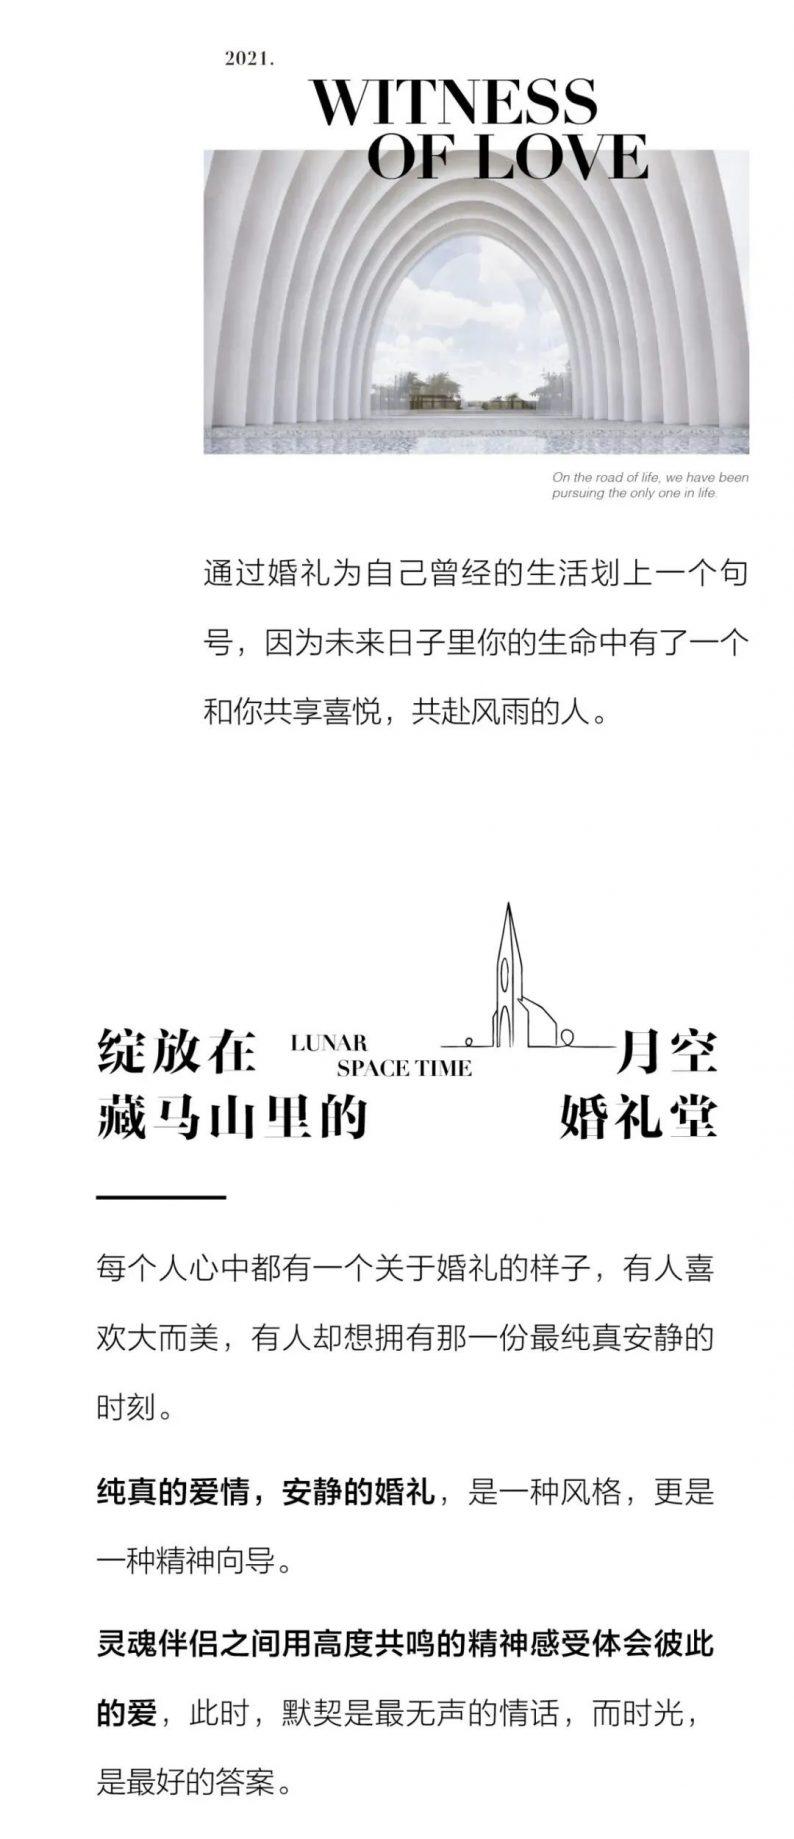 婚礼堂发布:青岛融创·阿朵小镇【月空·婚礼堂】  第4张